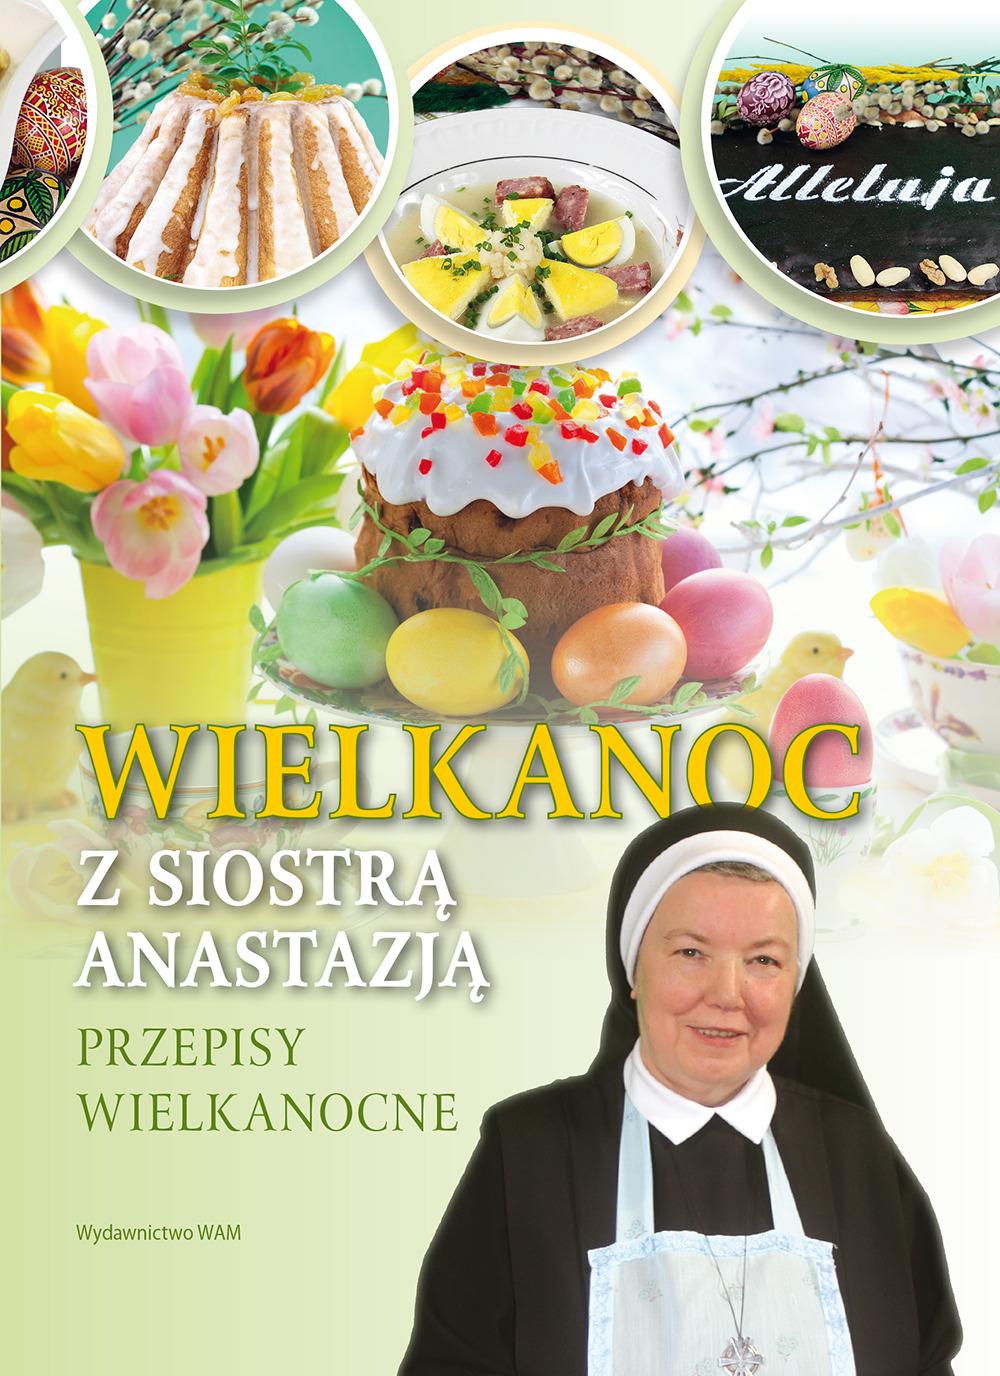 Wielkanoc Z Siostra Anastazja Przepisy Wielkanocne